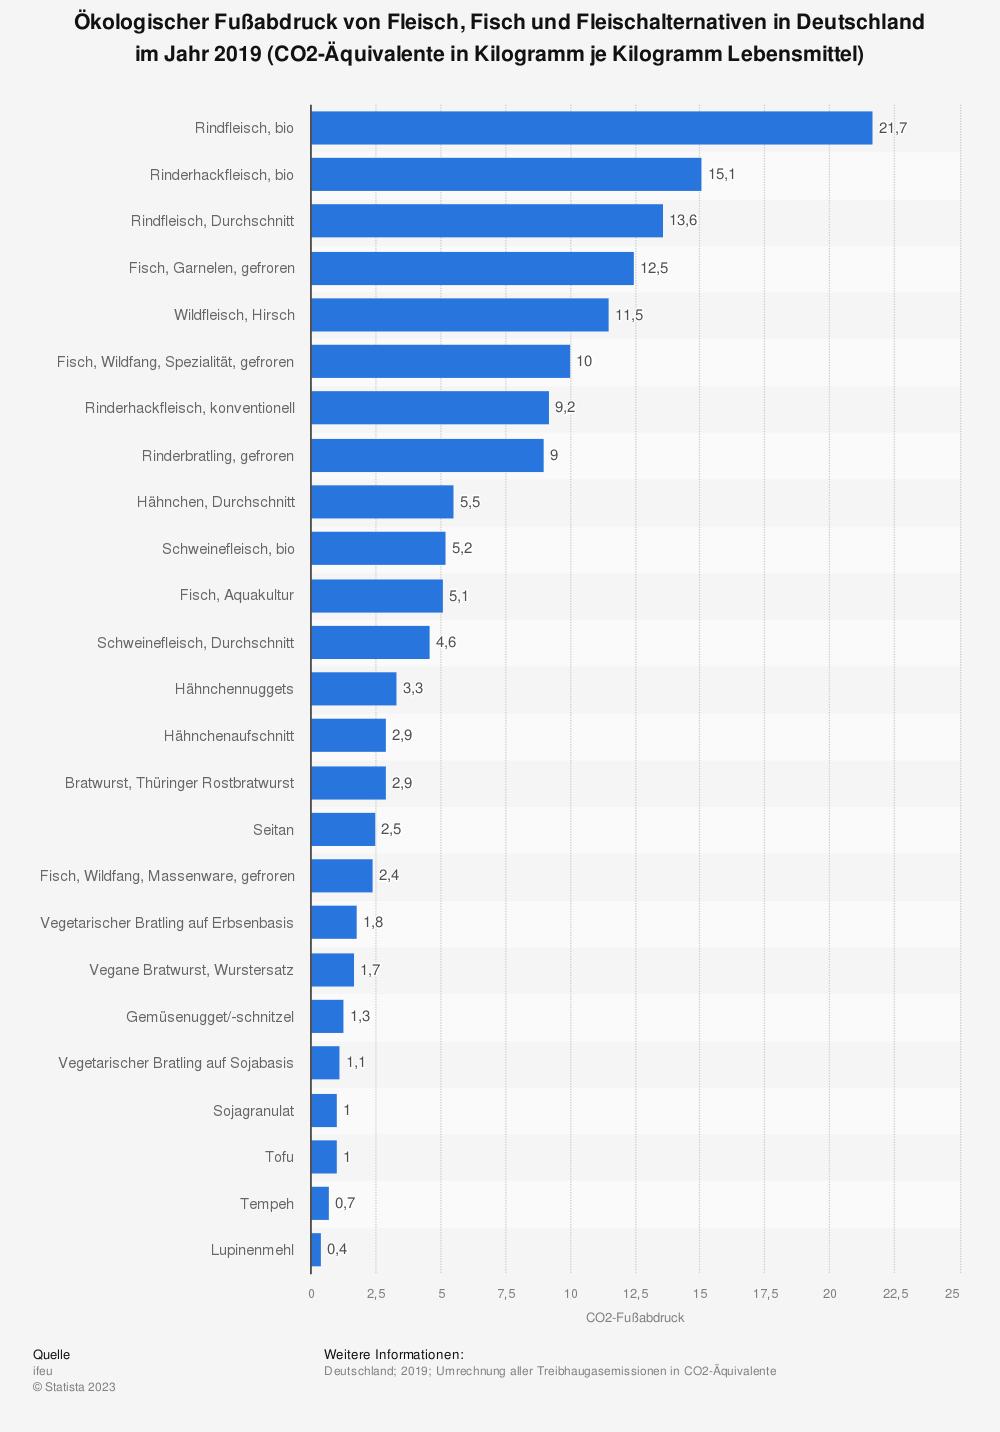 Statistik: Ökologischer Fußabdruck von Fleisch, Fisch und Fleischalternativen in Deutschland im Jahr 2019 (CO2-Äquivalente in Kilogramm je Kilogramm Lebensmittel) | Statista